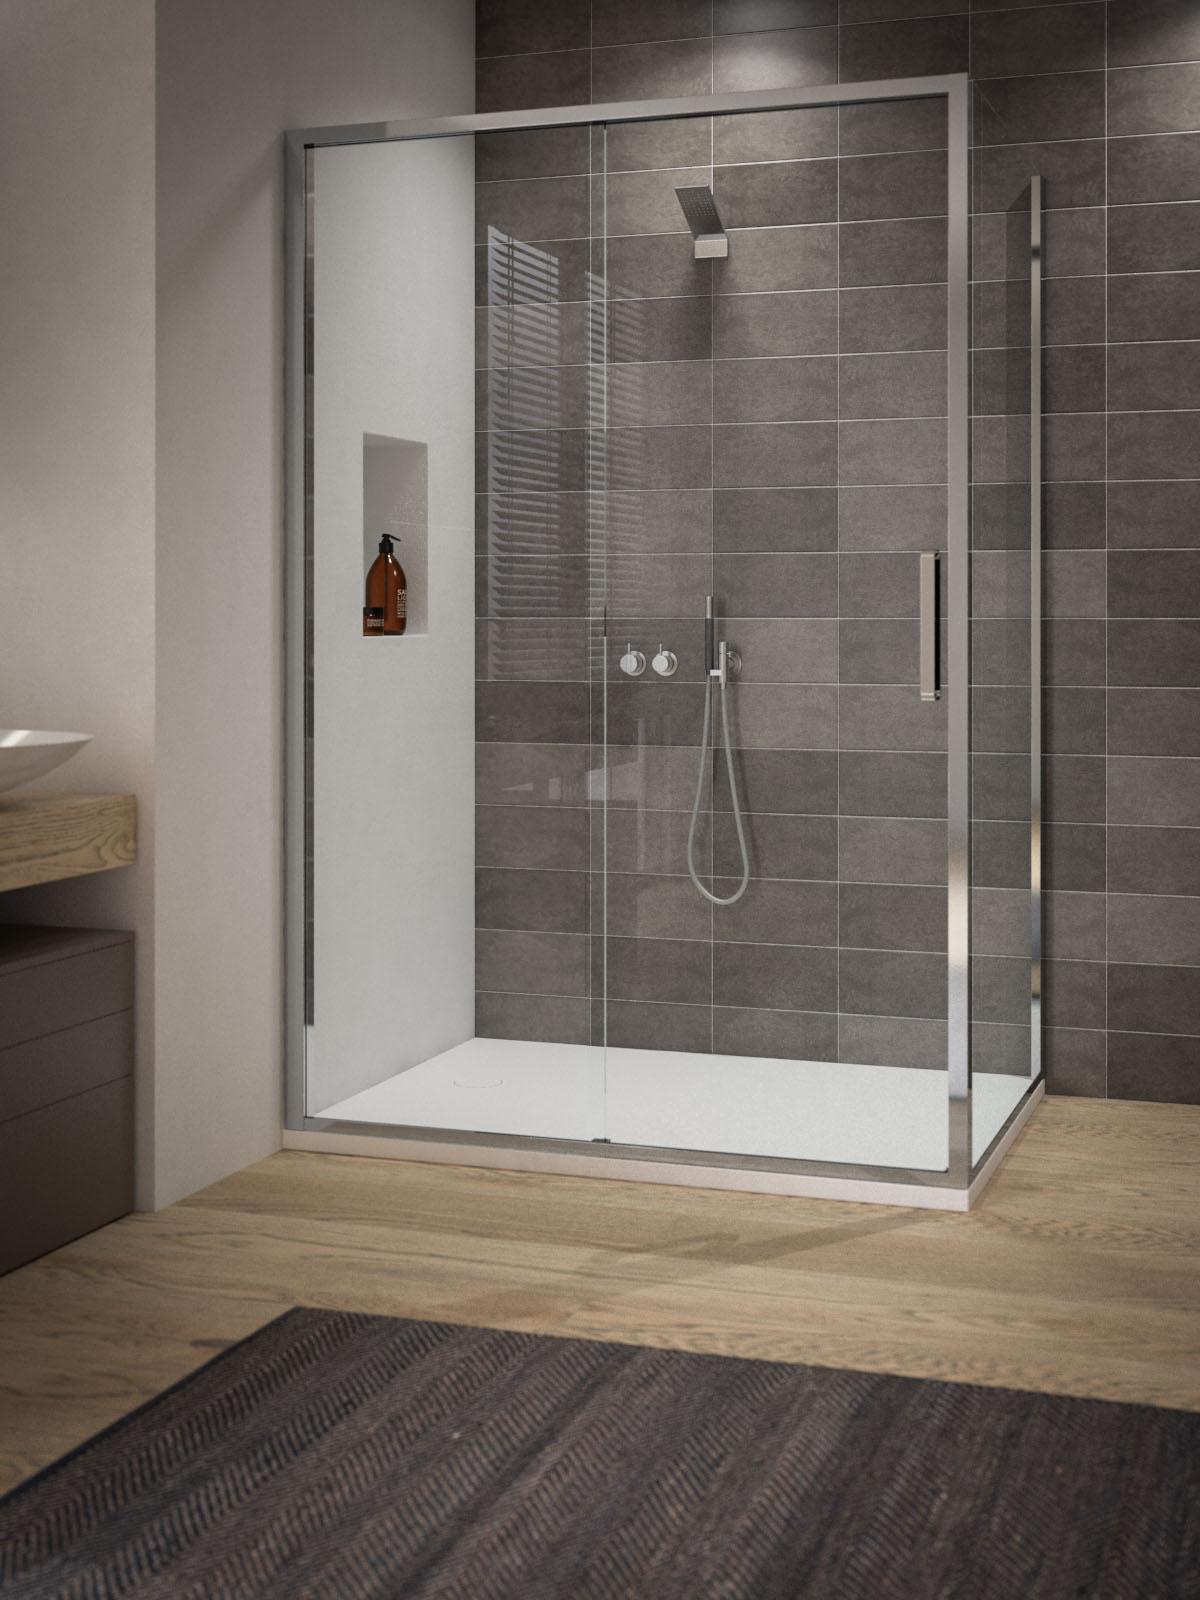 Paroi de douche avec porte coulissant 3 cot s calibe - Cabine de douche 3 cotes vitres ...